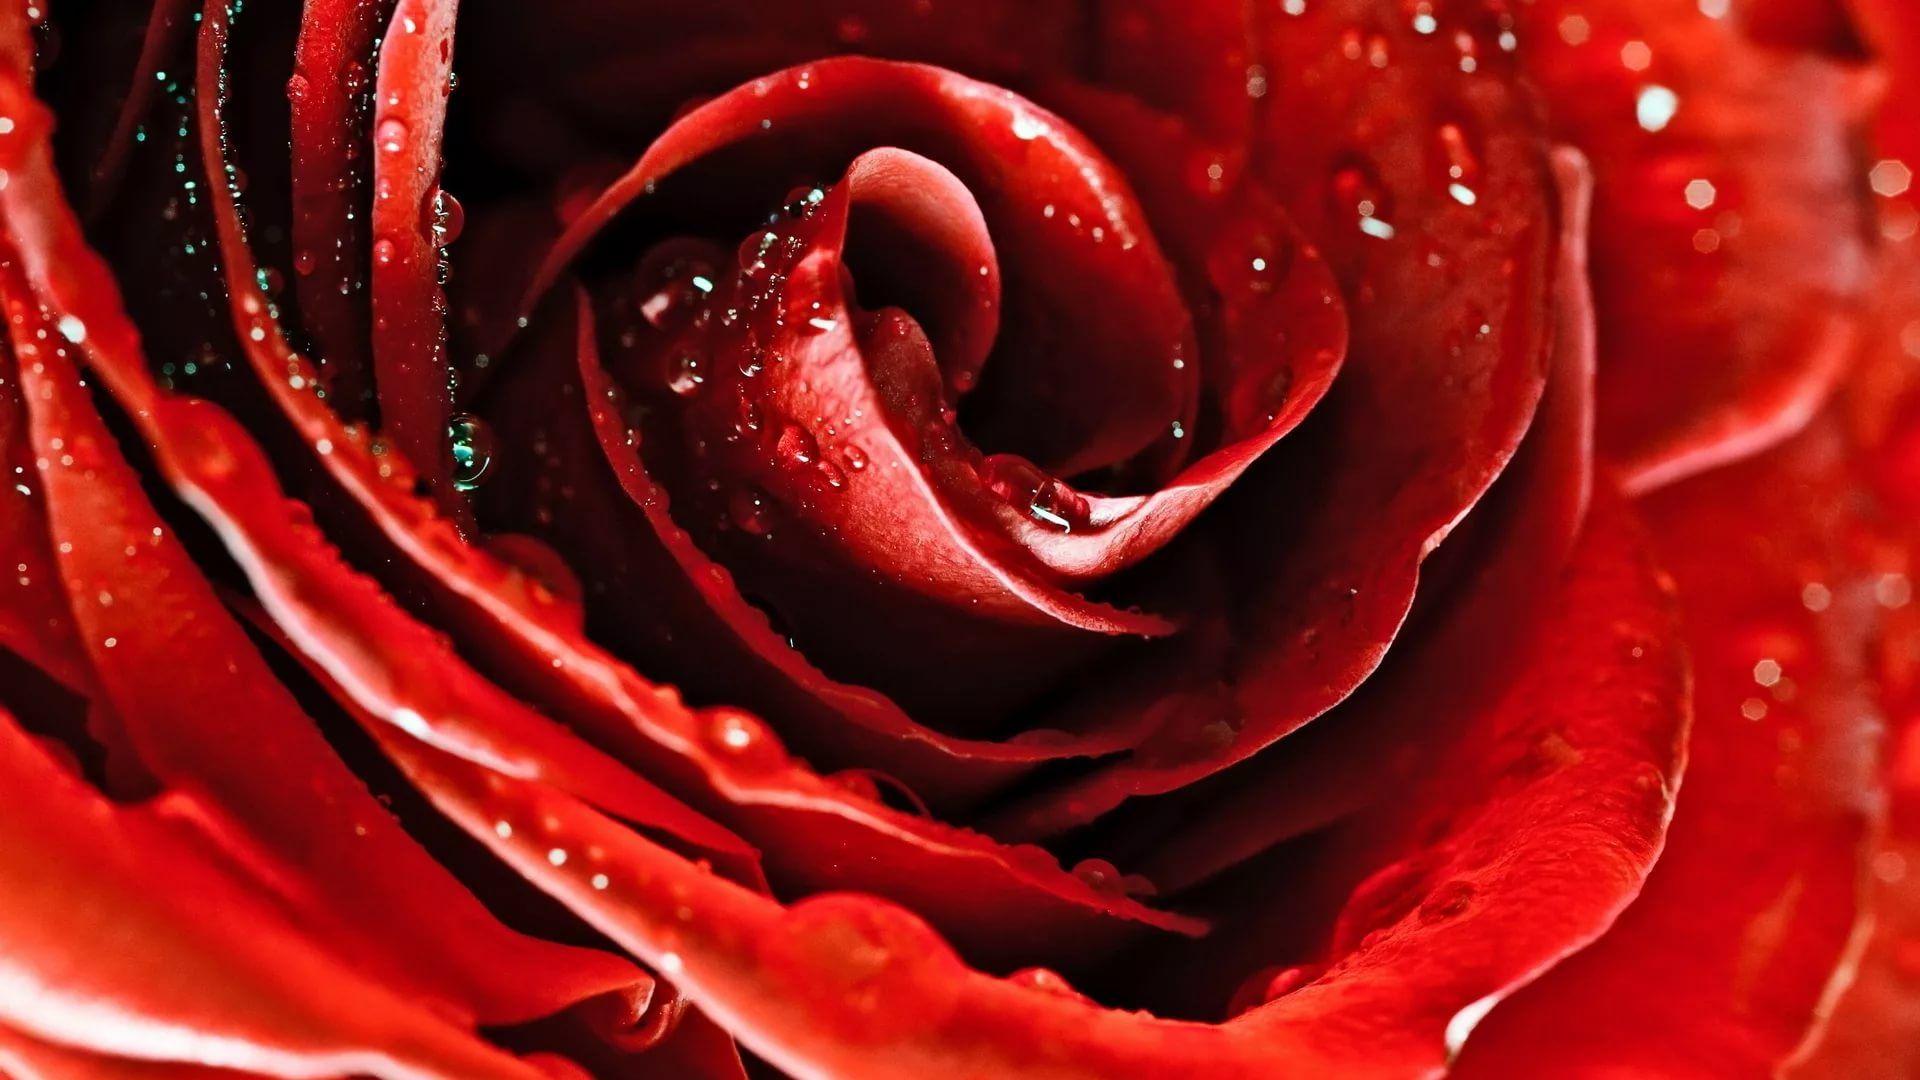 Rose Screensaver download nice wallpaper